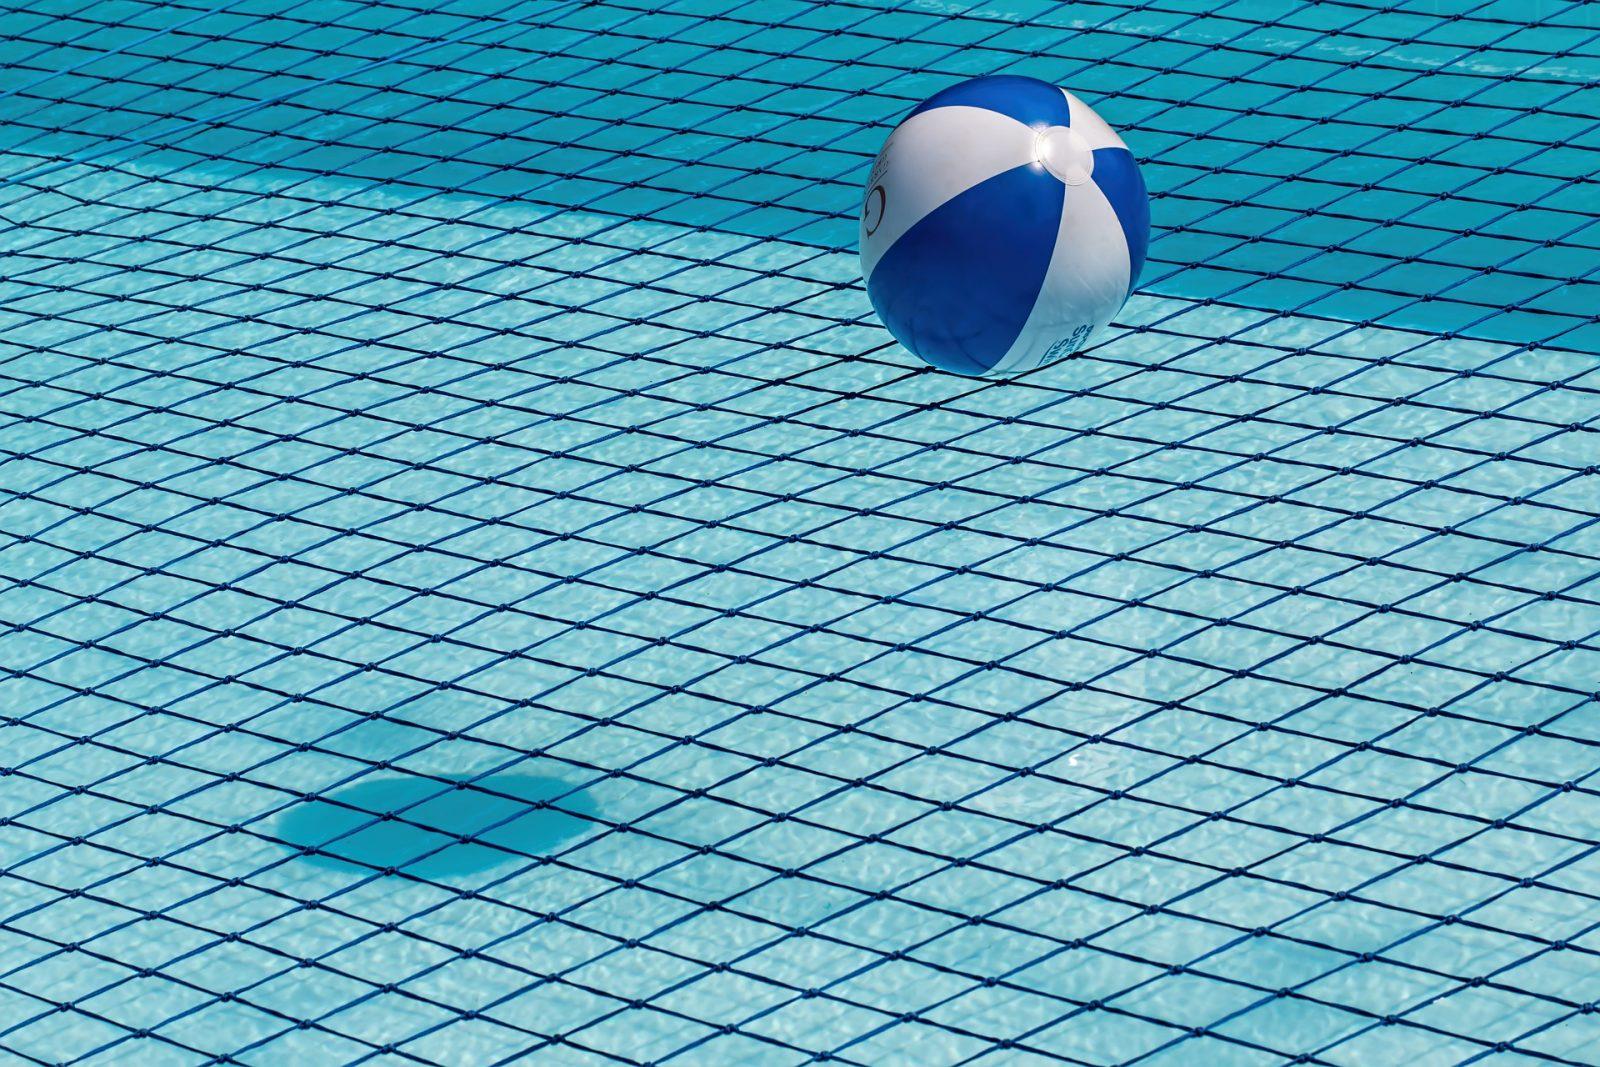 495 000 $ pour les travaux de la piscine municipale